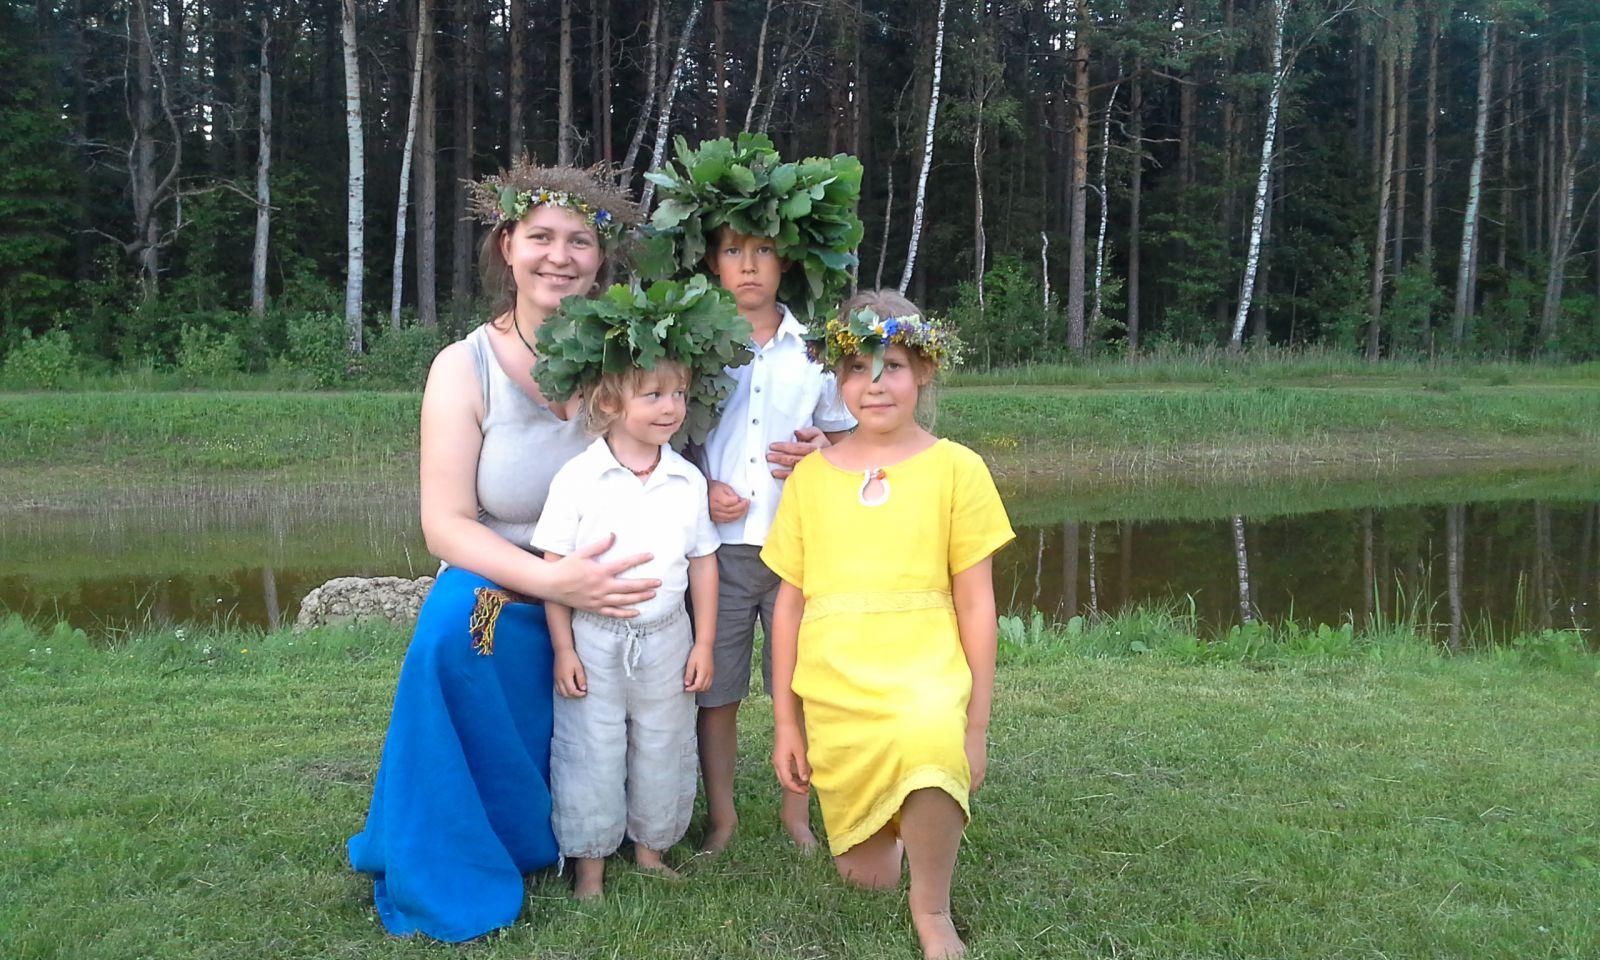 Iedzīvotājus un pašvaldības aicina izvirzīt godināšanai Latvijas kuplās ģimenes